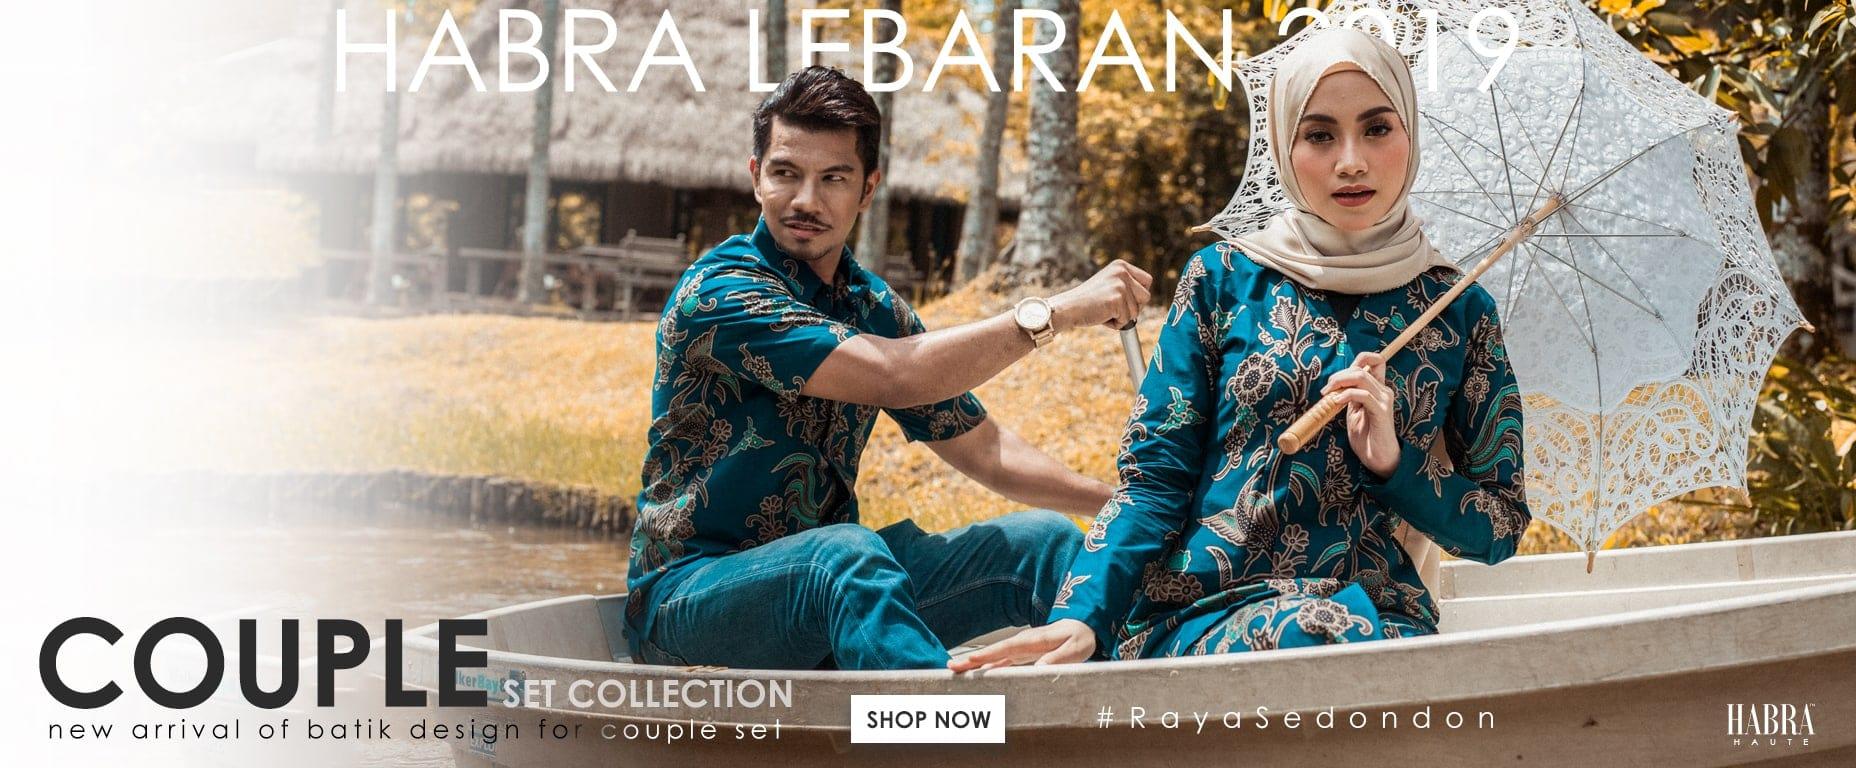 Habra Haute Kaisara Kebaya Peplum Batik Kara Kebaya Batik Khaled Kemeja Batik Kebaya Moden Kebaya Modern Koleksi Raya 2019 Batik Indonesia Batik Malaysia Desktop